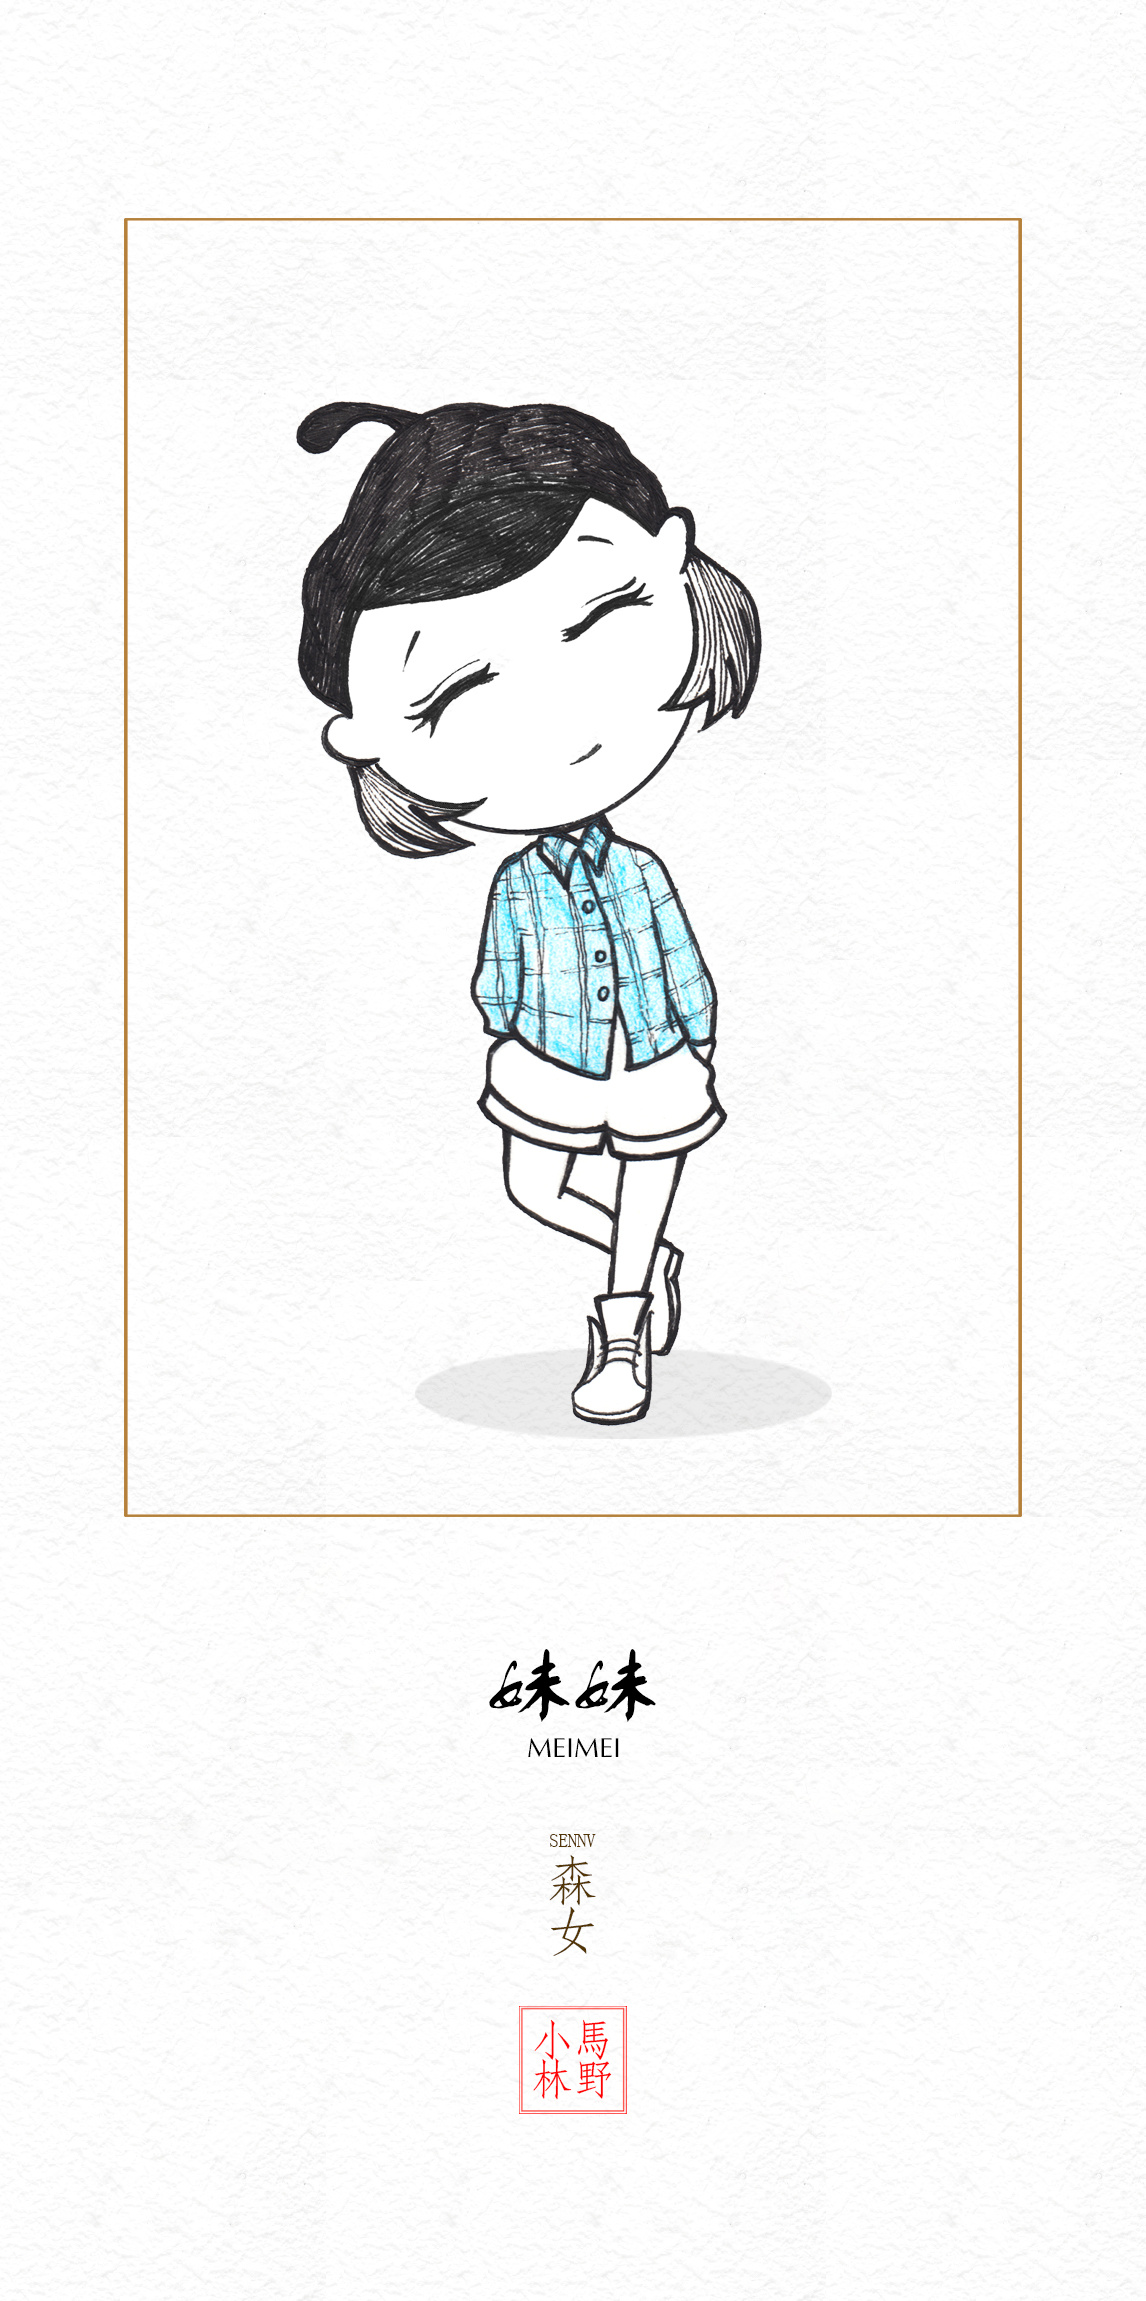 小米锁屏唯��.#y�-_萌妹子——小米手机锁屏版